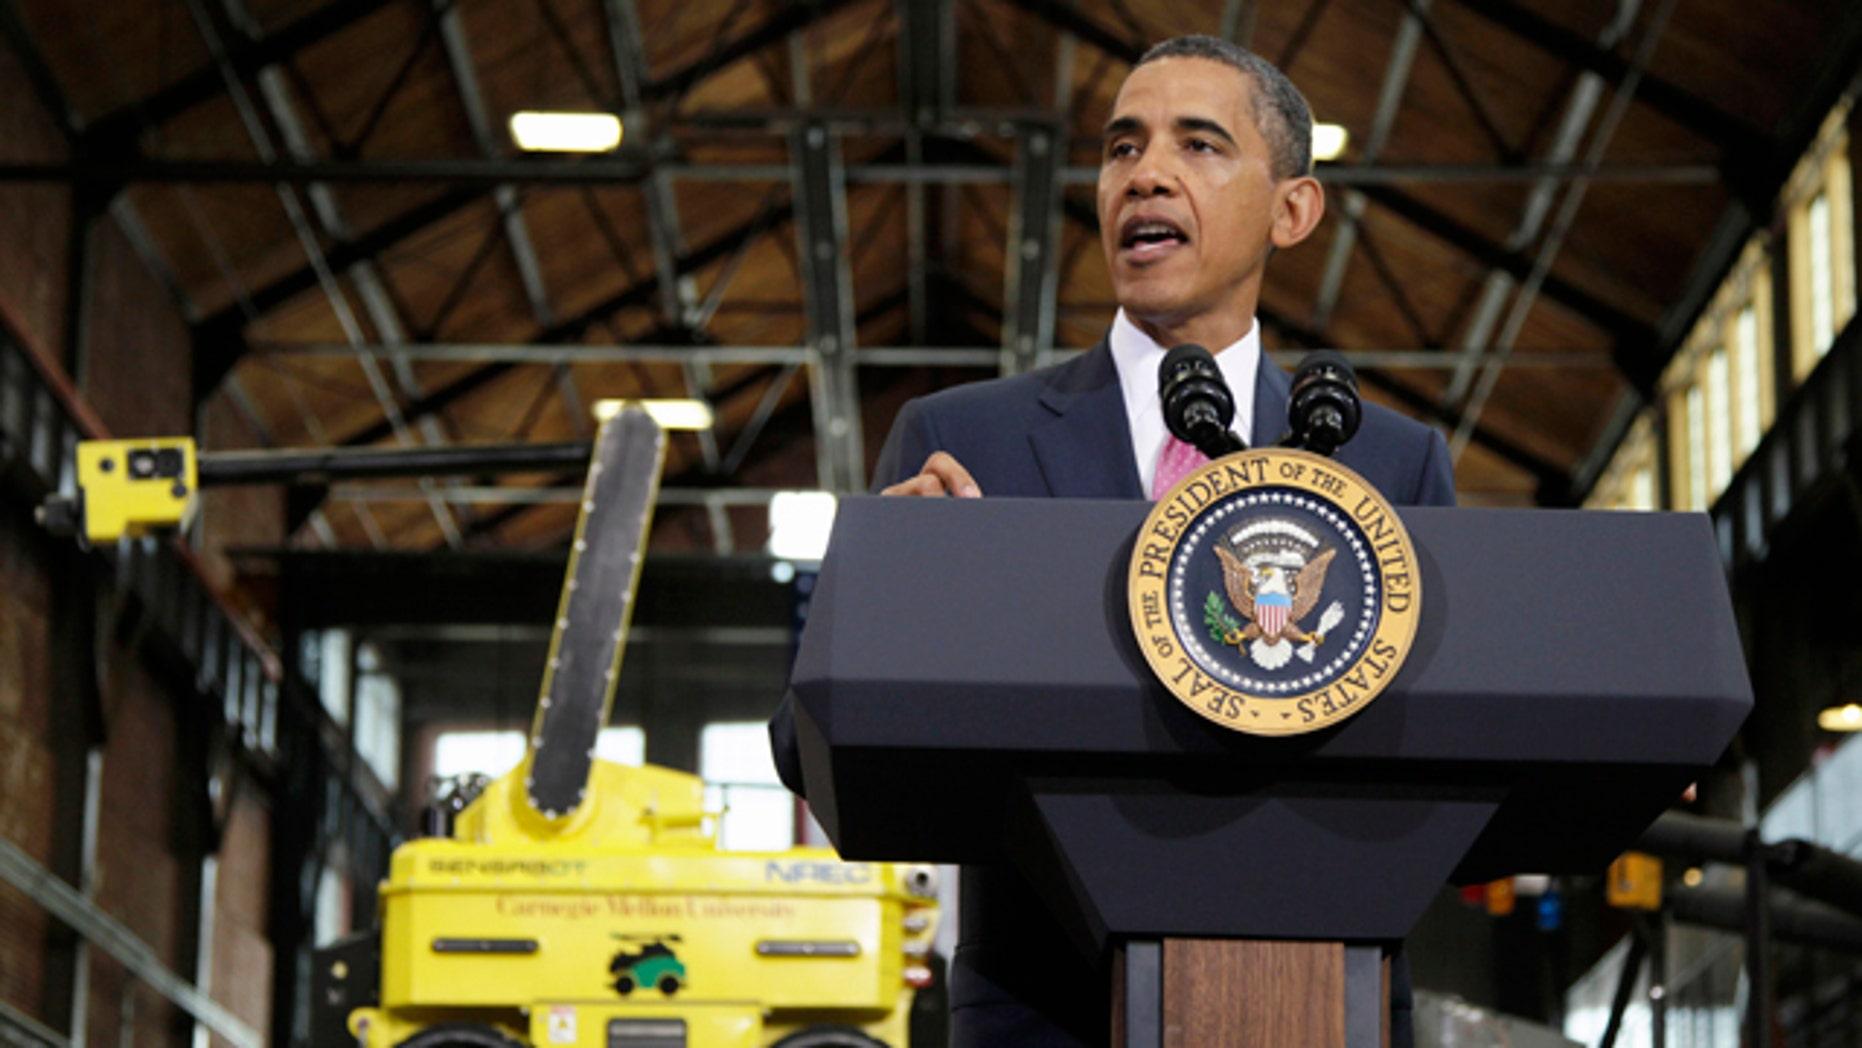 June 24: President Barack Obama speaks at Carnegie Mellon University in Pittsburgh.